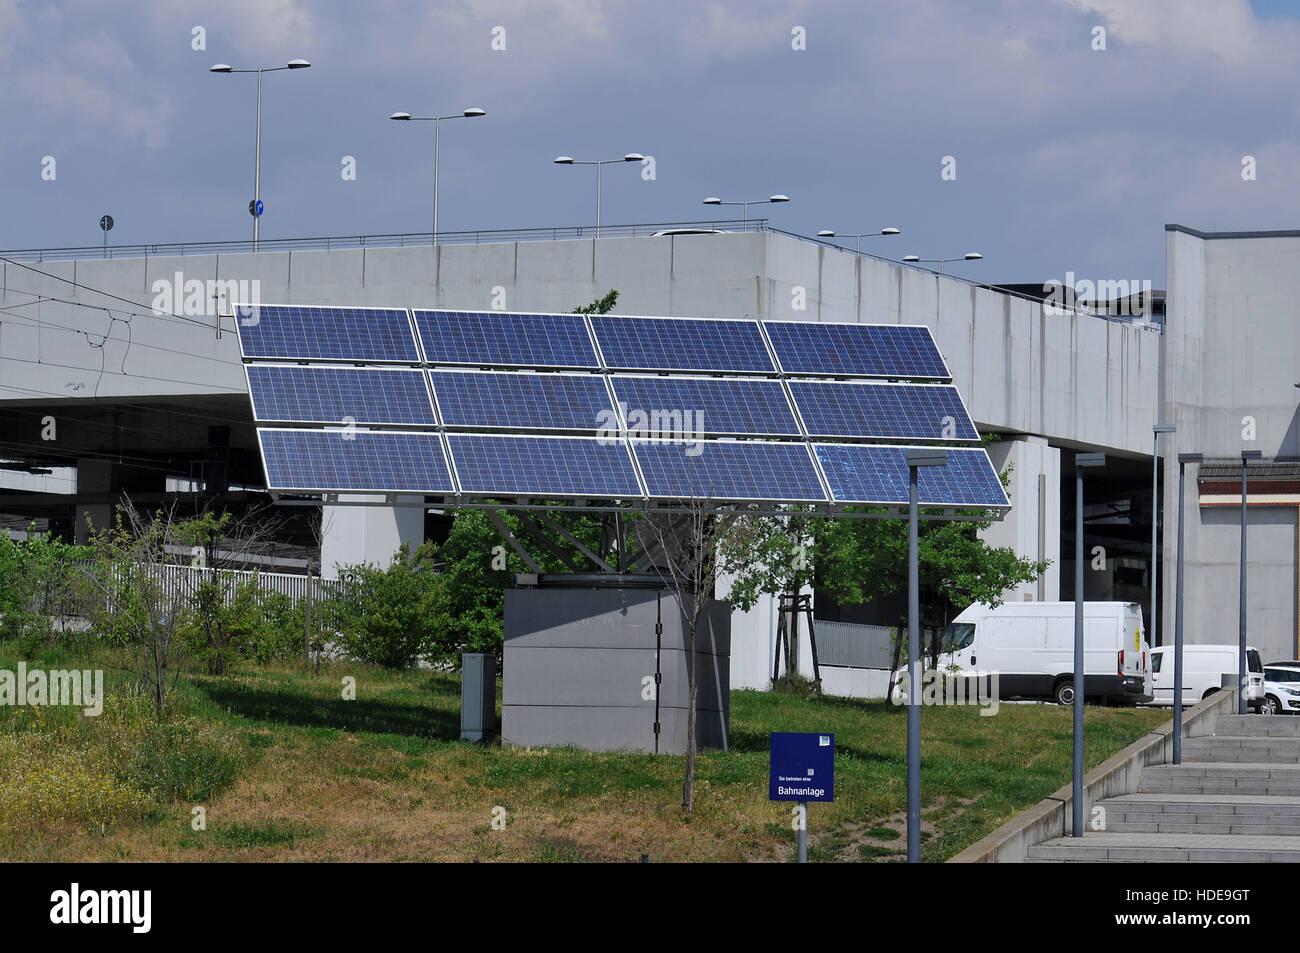 Solarpanel, Bahnhof Suedkreuz, Schoeneberg, Berlin, Deutschland - Stock Image